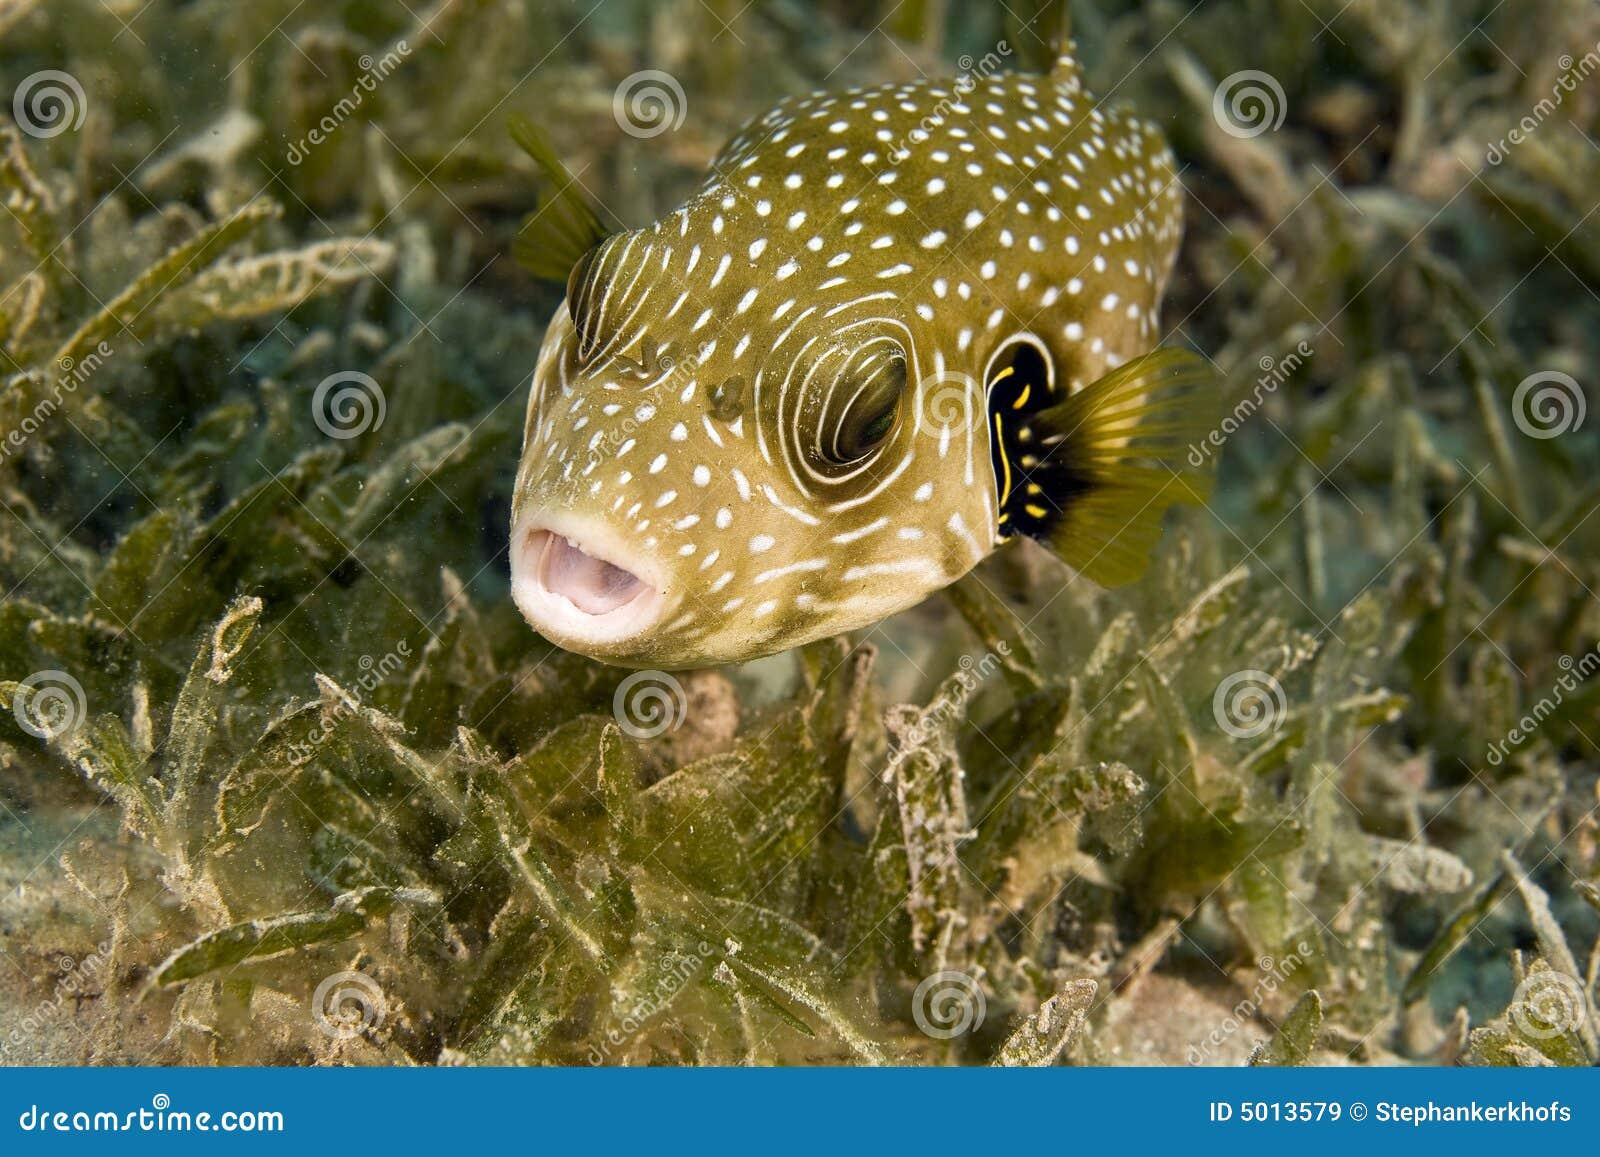 Starry puffer (arothron stellatus)